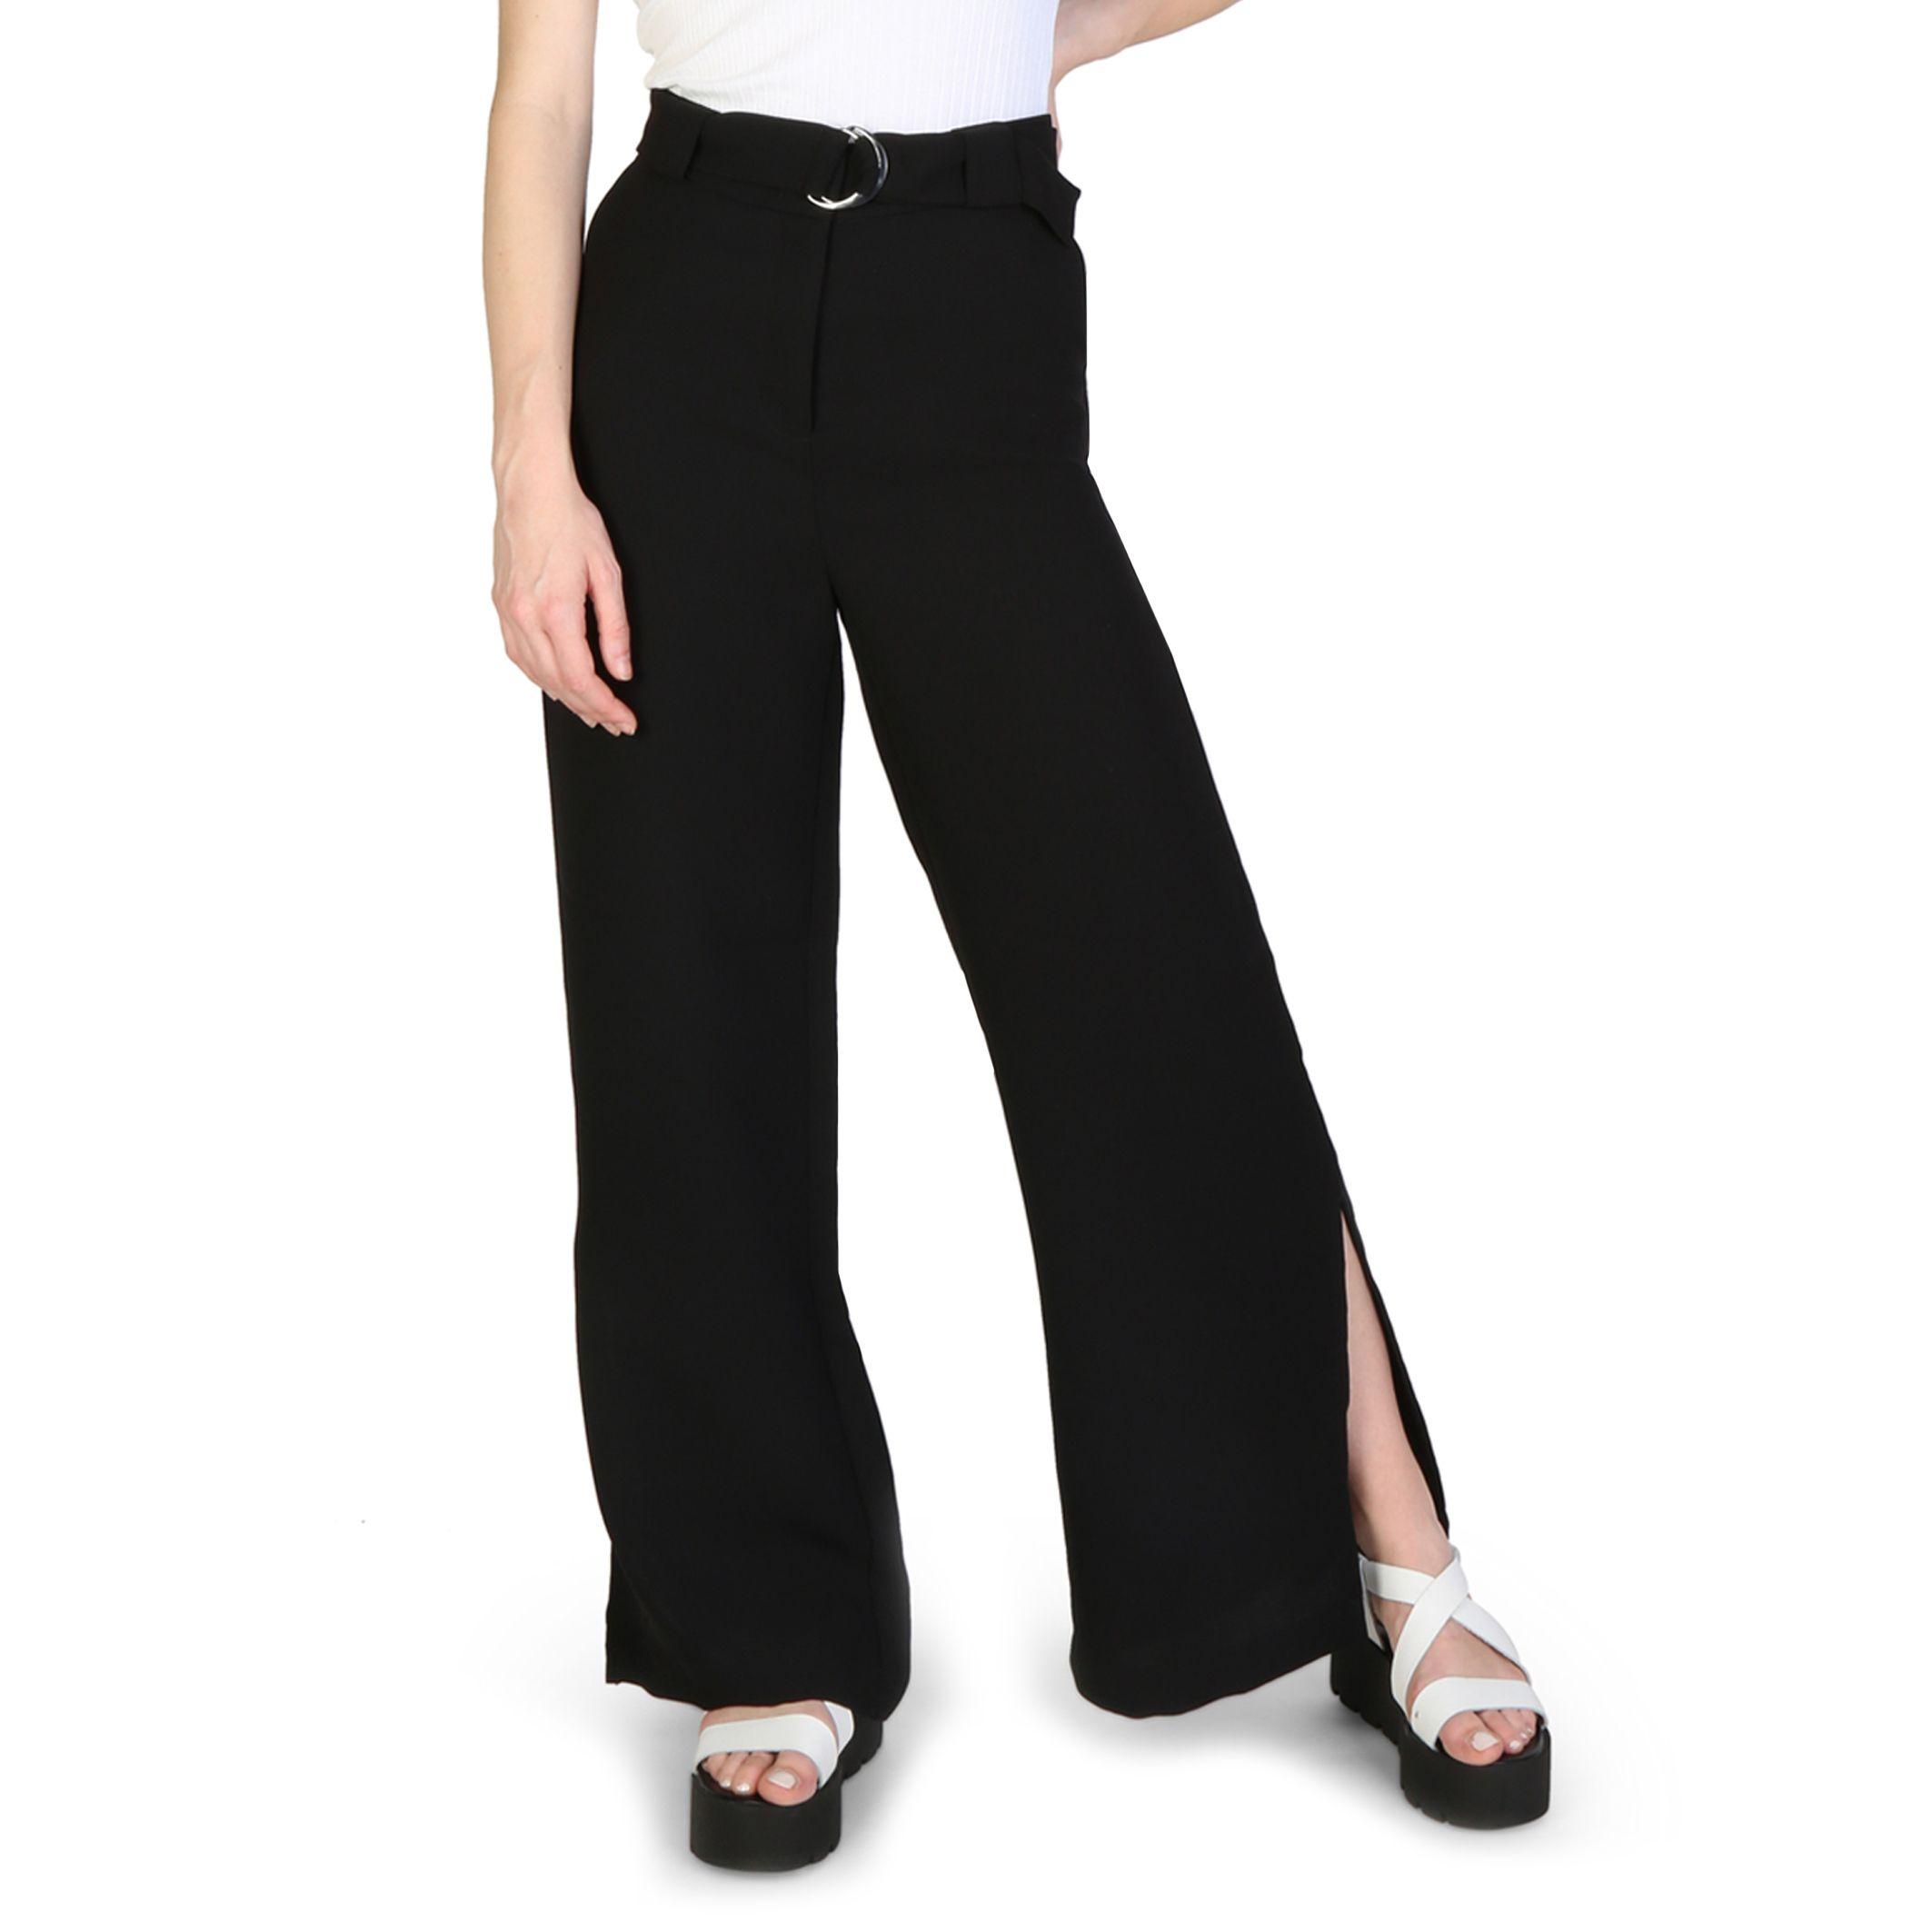 Pantaloni Armani Exchange3ZYP26YNBRZ